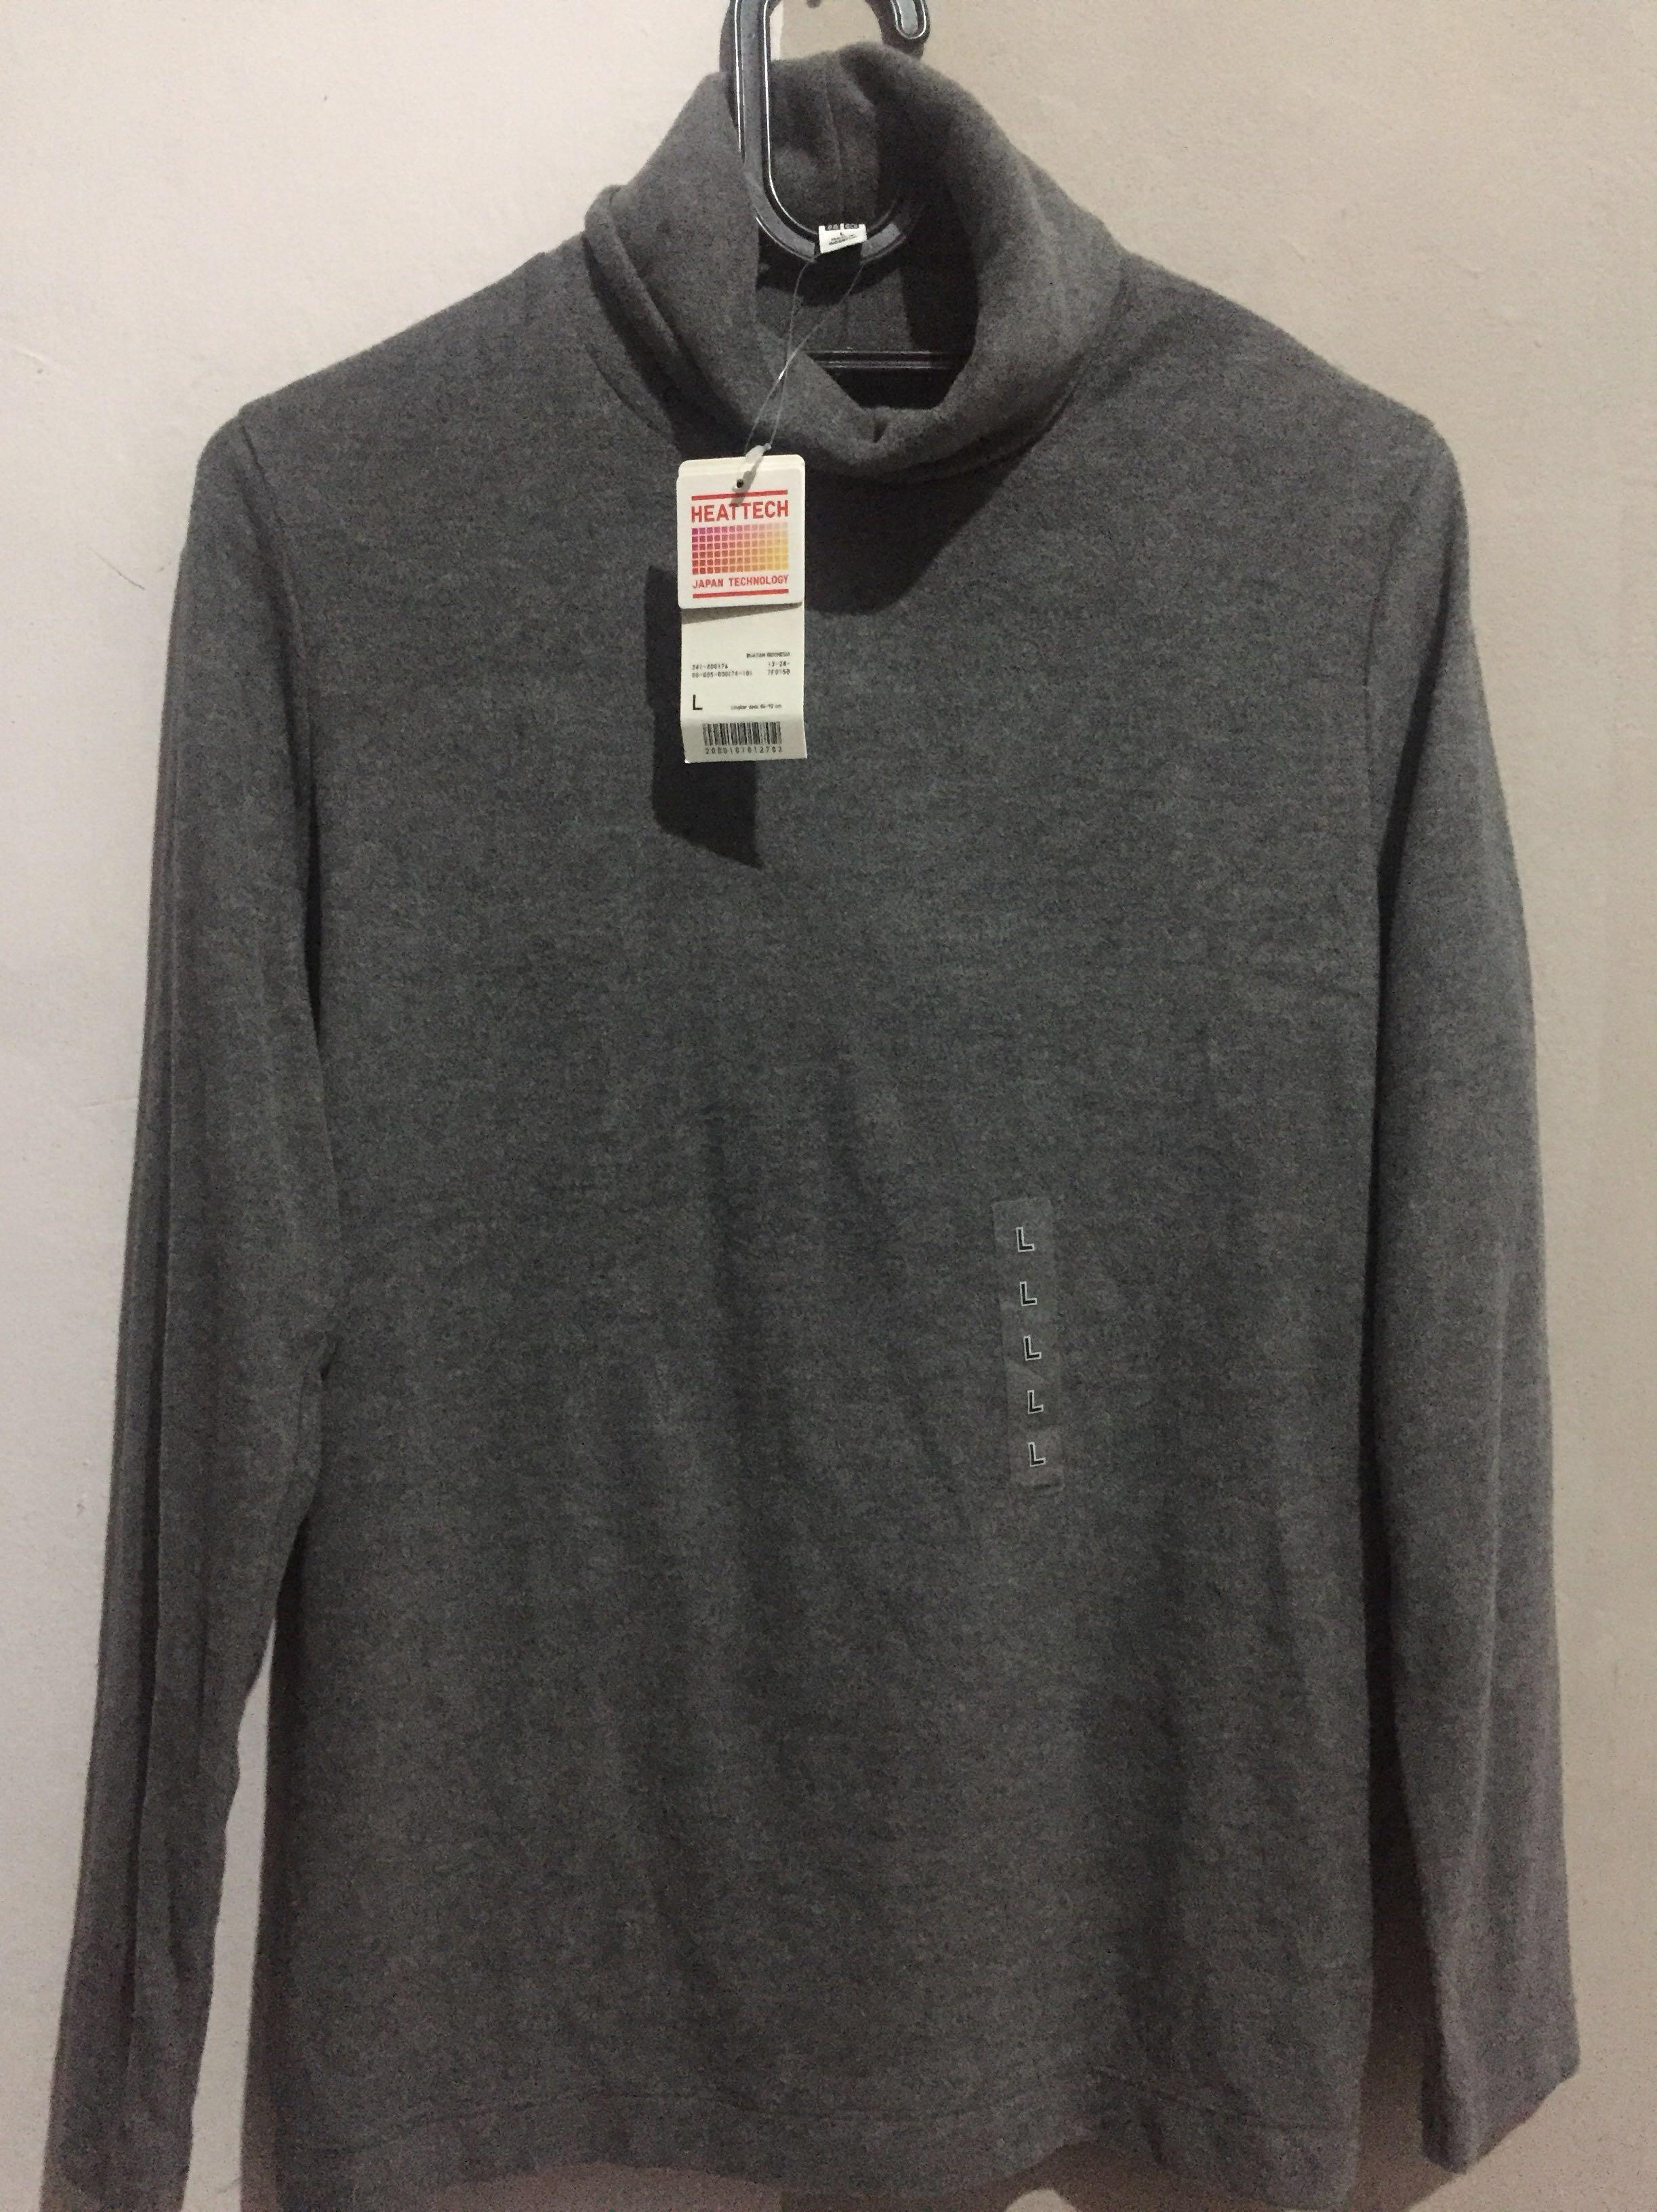 UNIQLO T shirt heattech fleece turtle neck untuk cewek